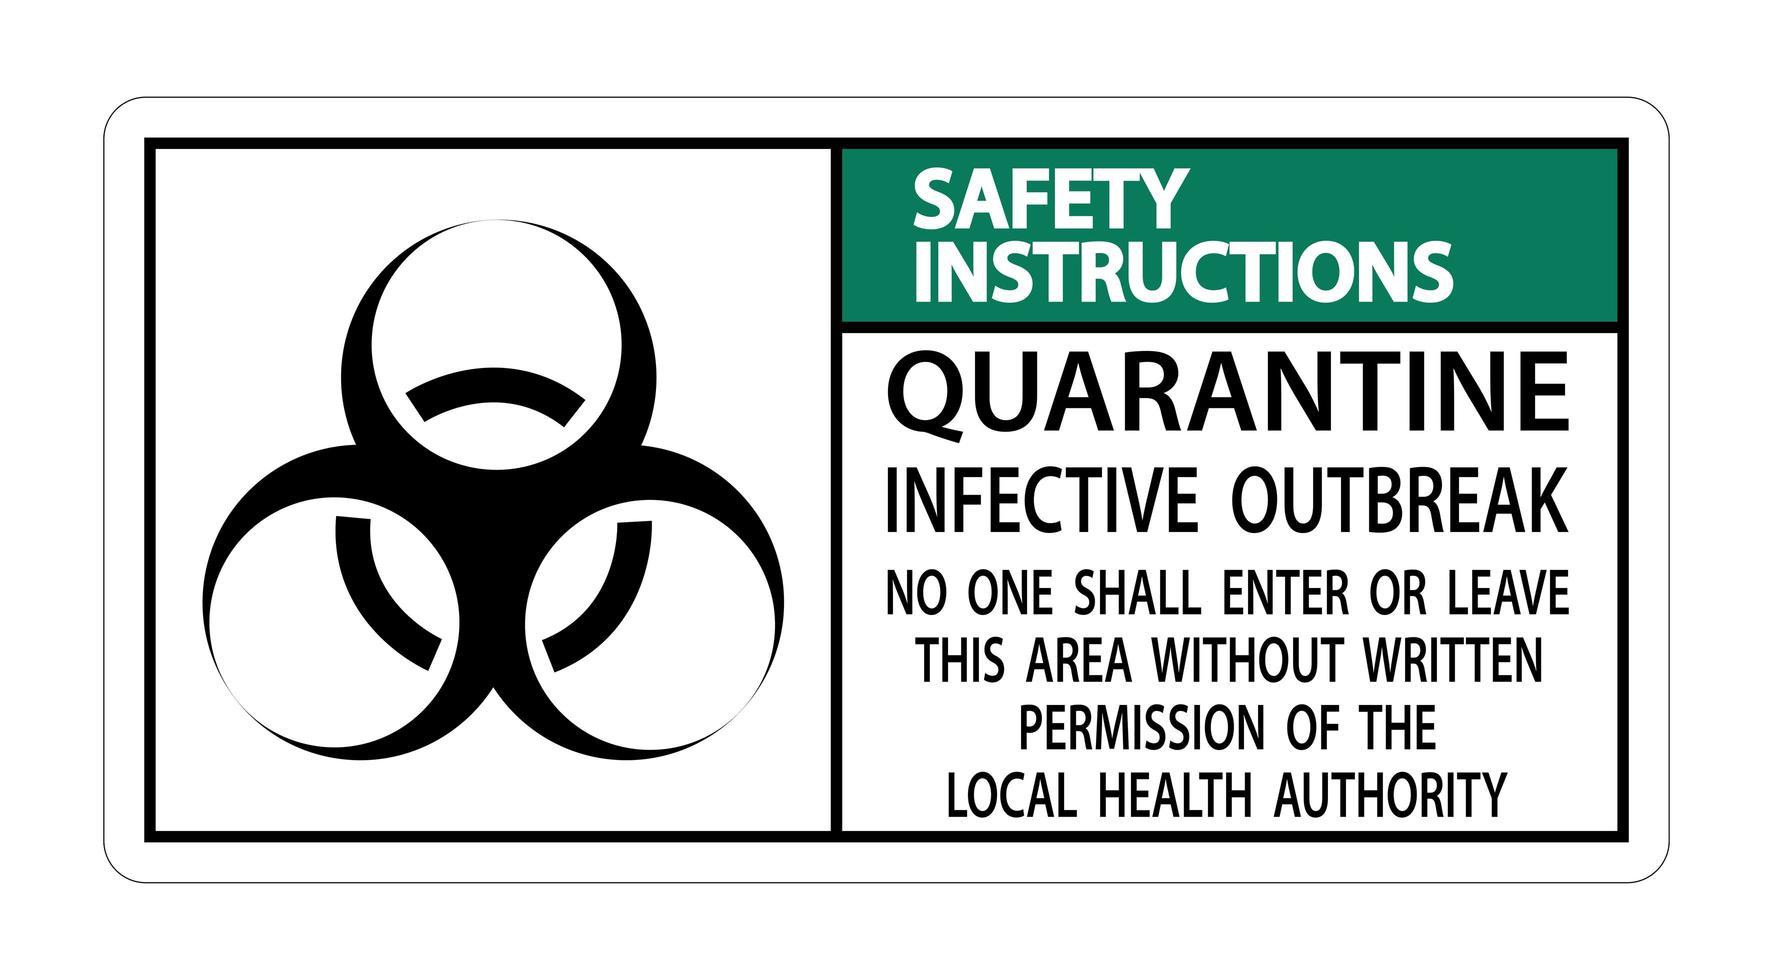 '' säkerhetsinstruktioner karantän infektivt utbrott '' tecken vektor